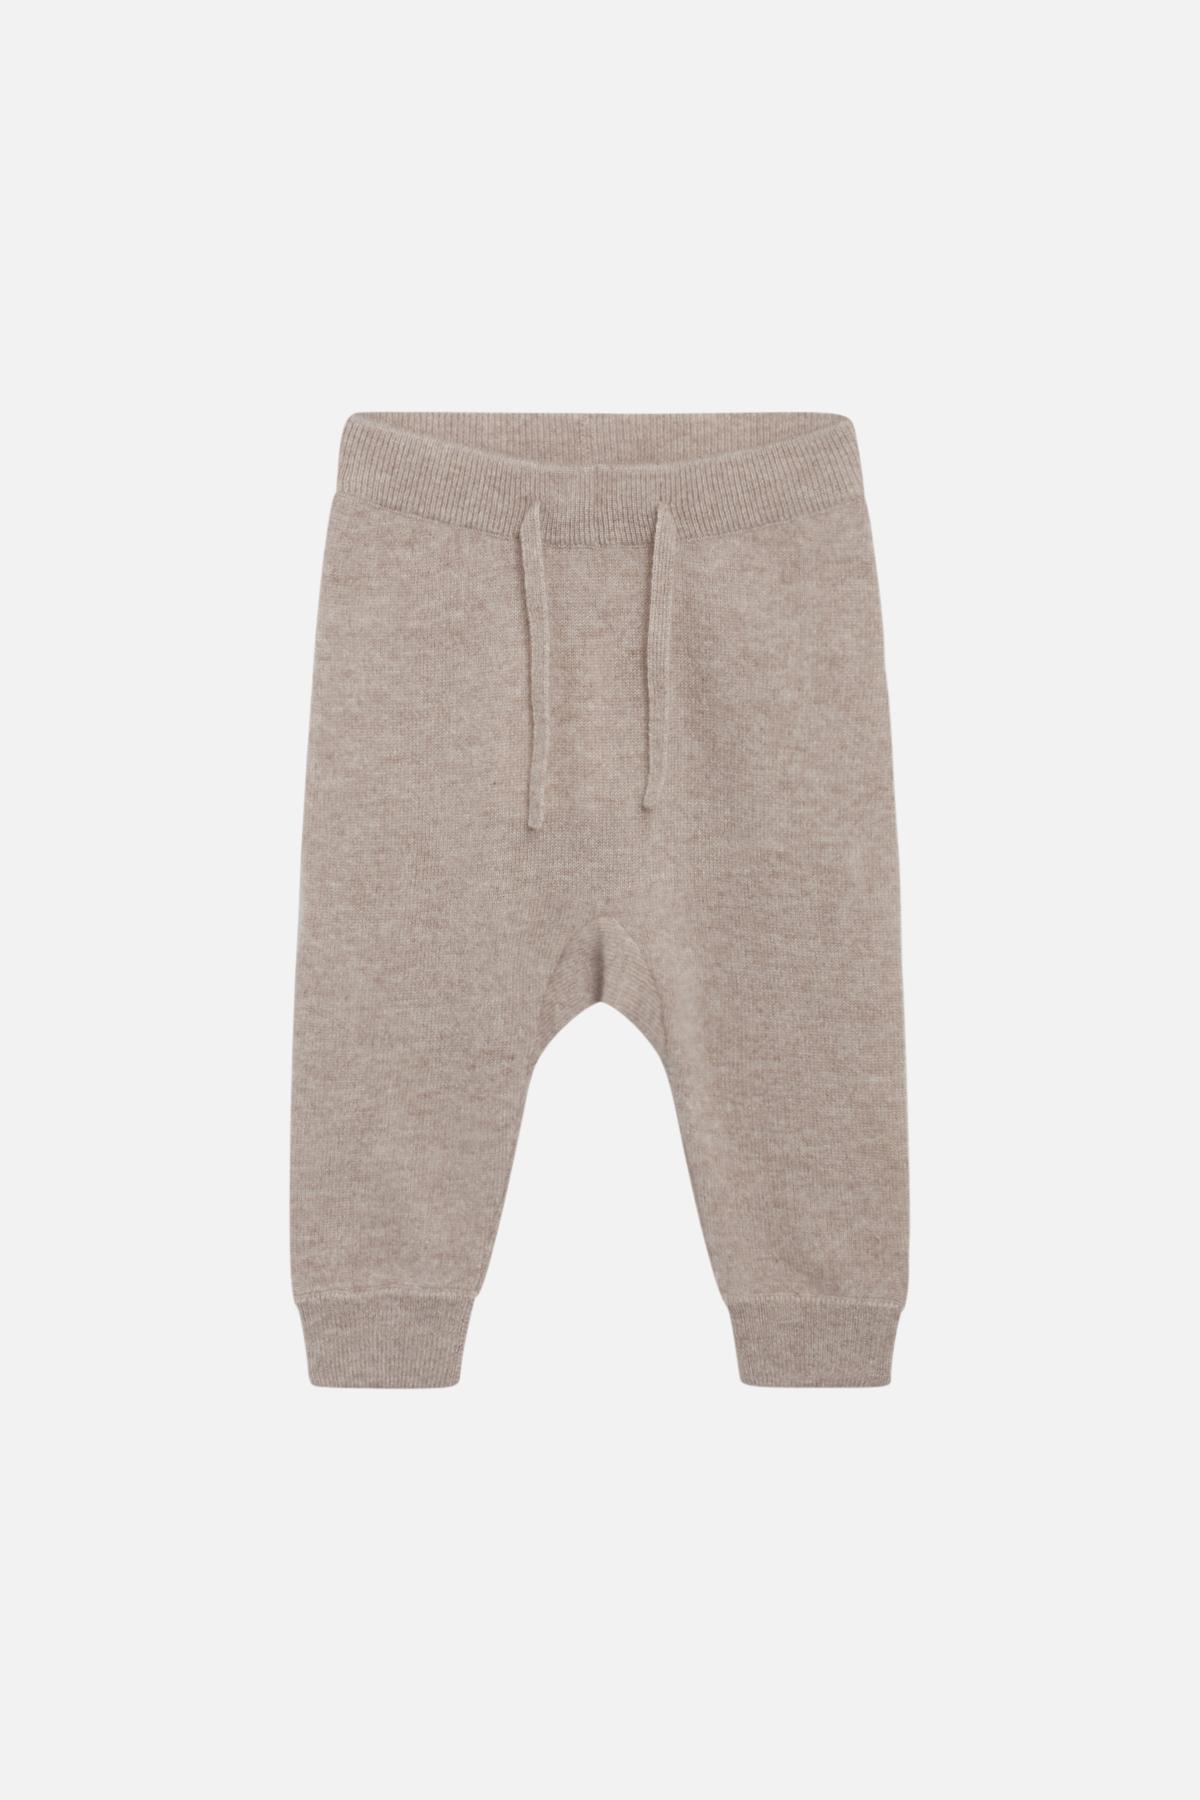 Uni - Trousers